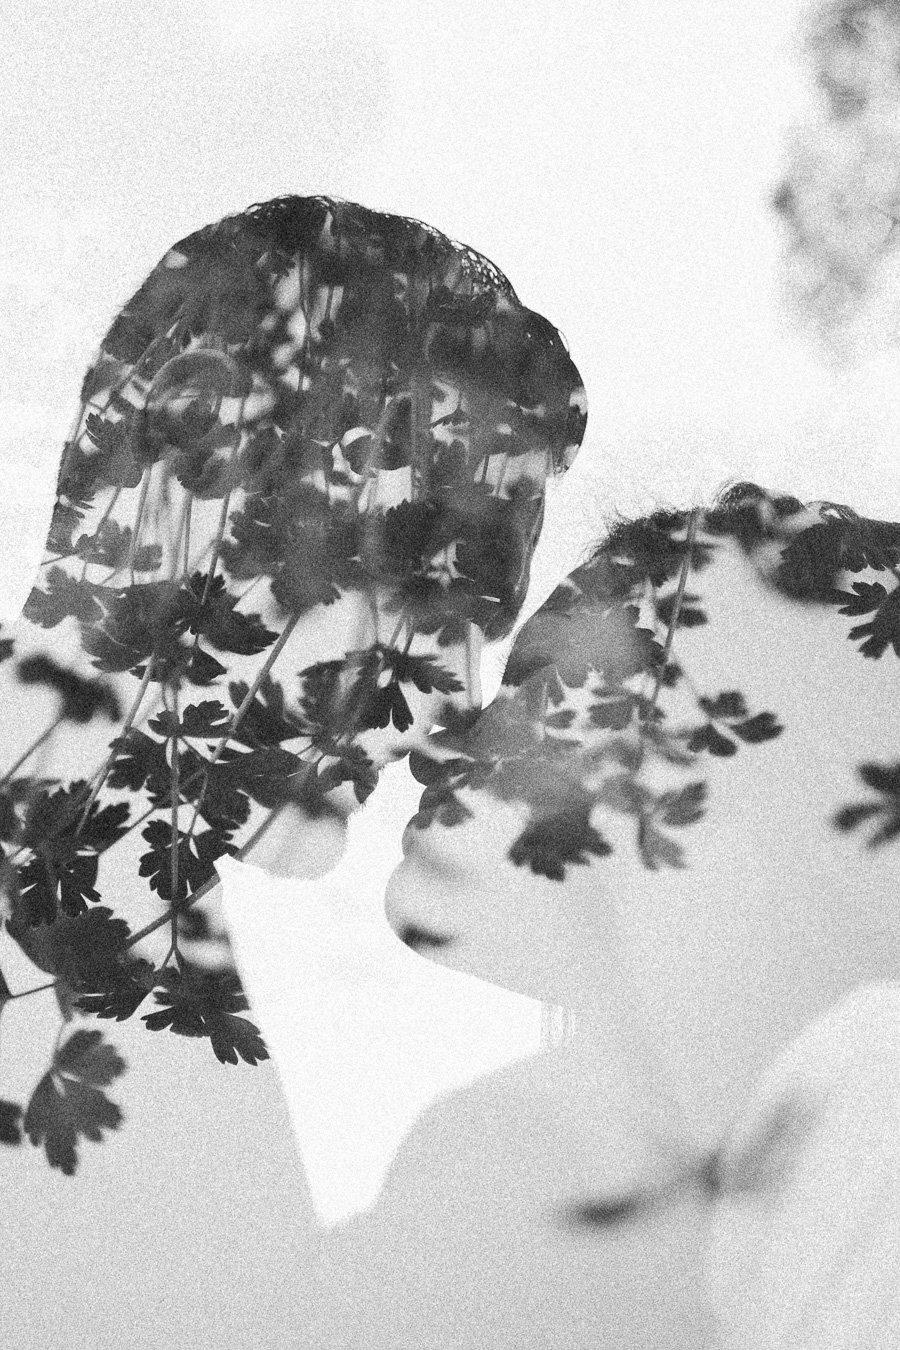 parejas-fotografia-sevilla-rocio-deblas-migueysilvia-44-1